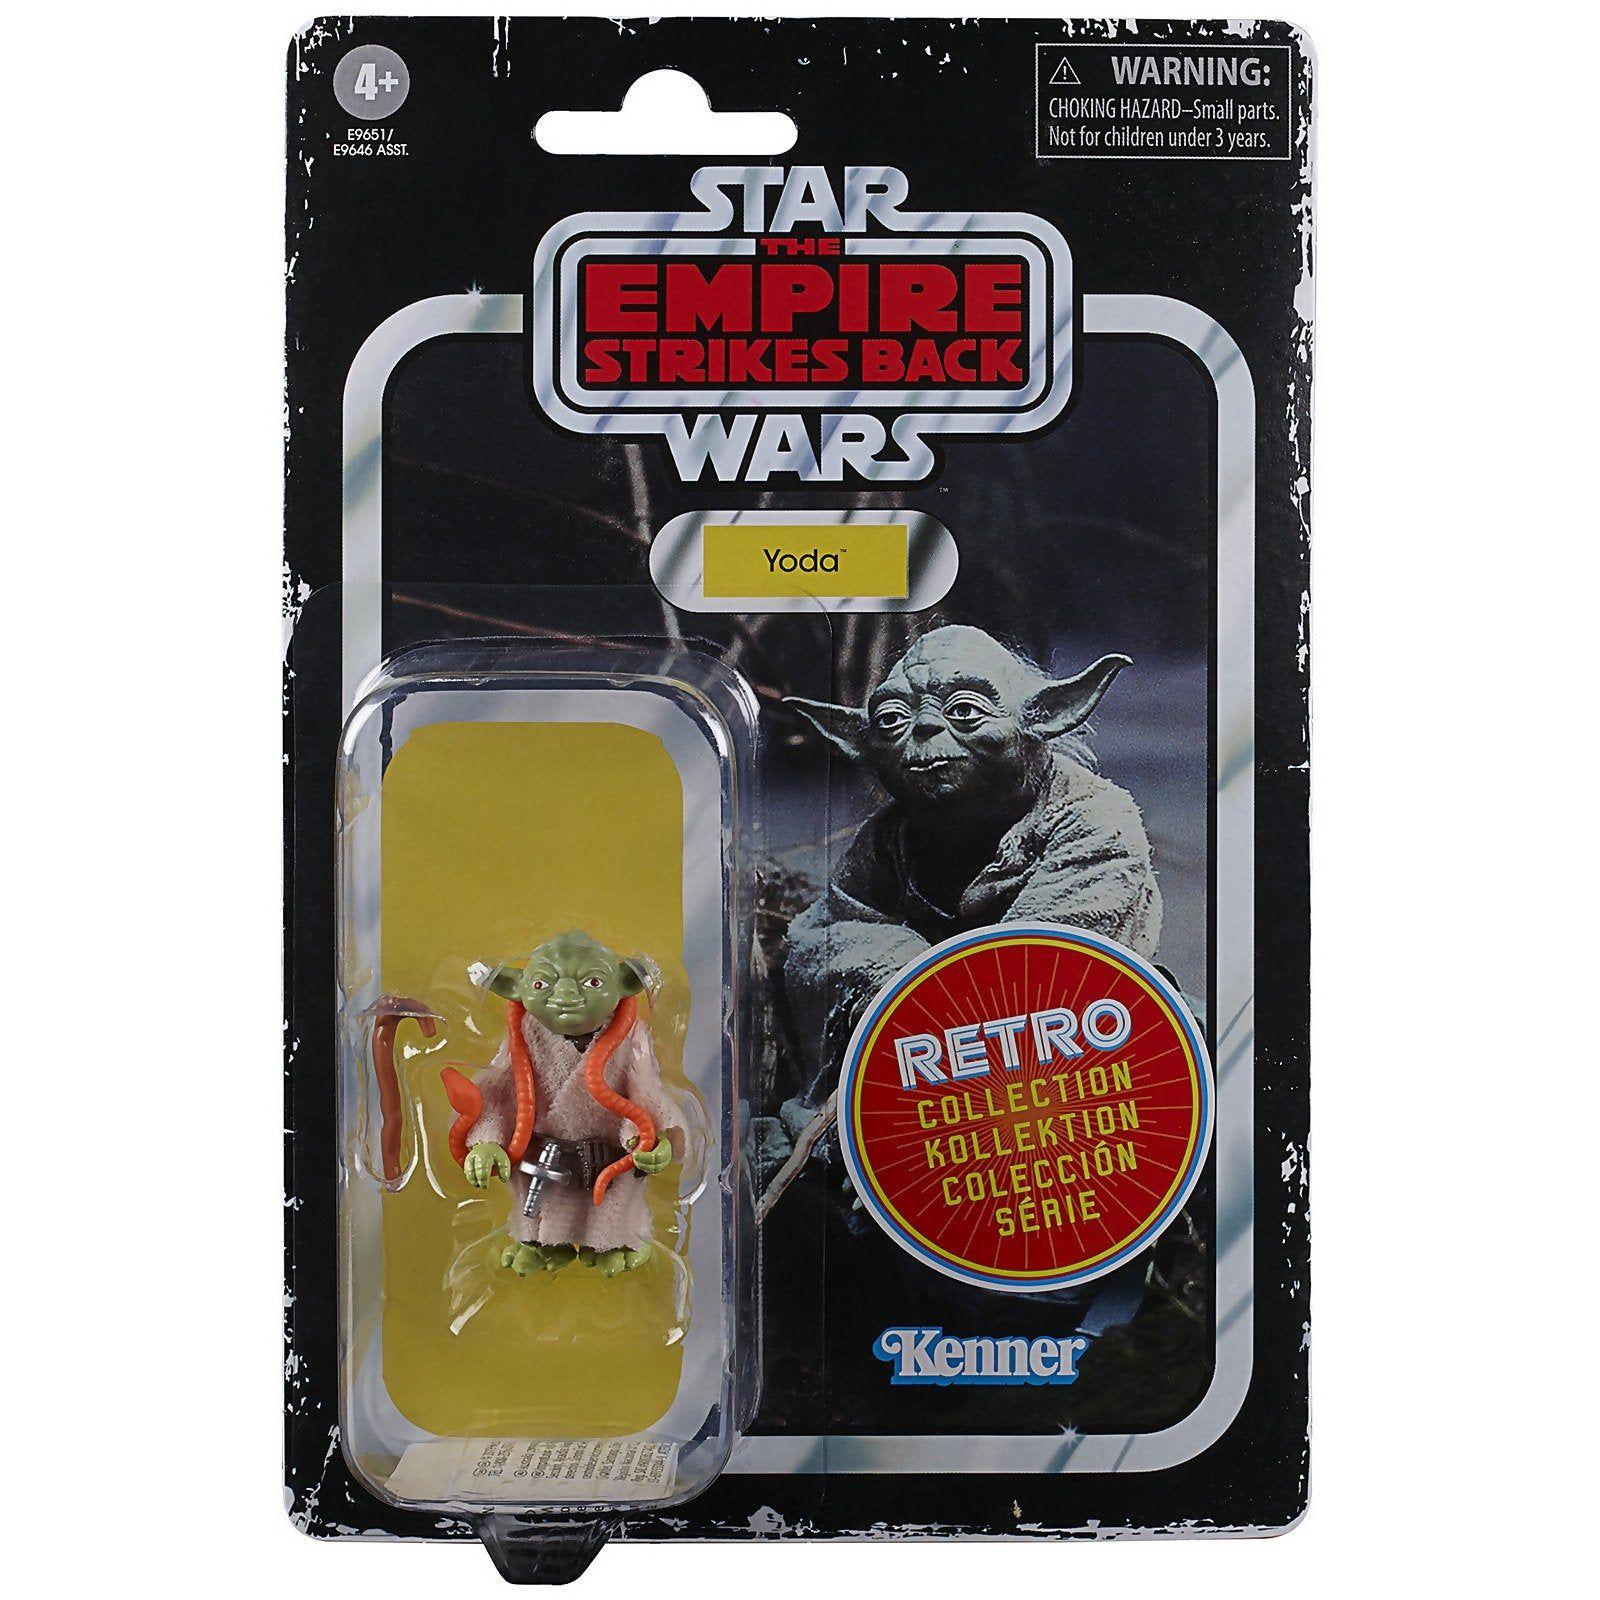 Jedi Master YODA KEYCHAIN Movie Memorabilia STAR WARS Be One With The Force!